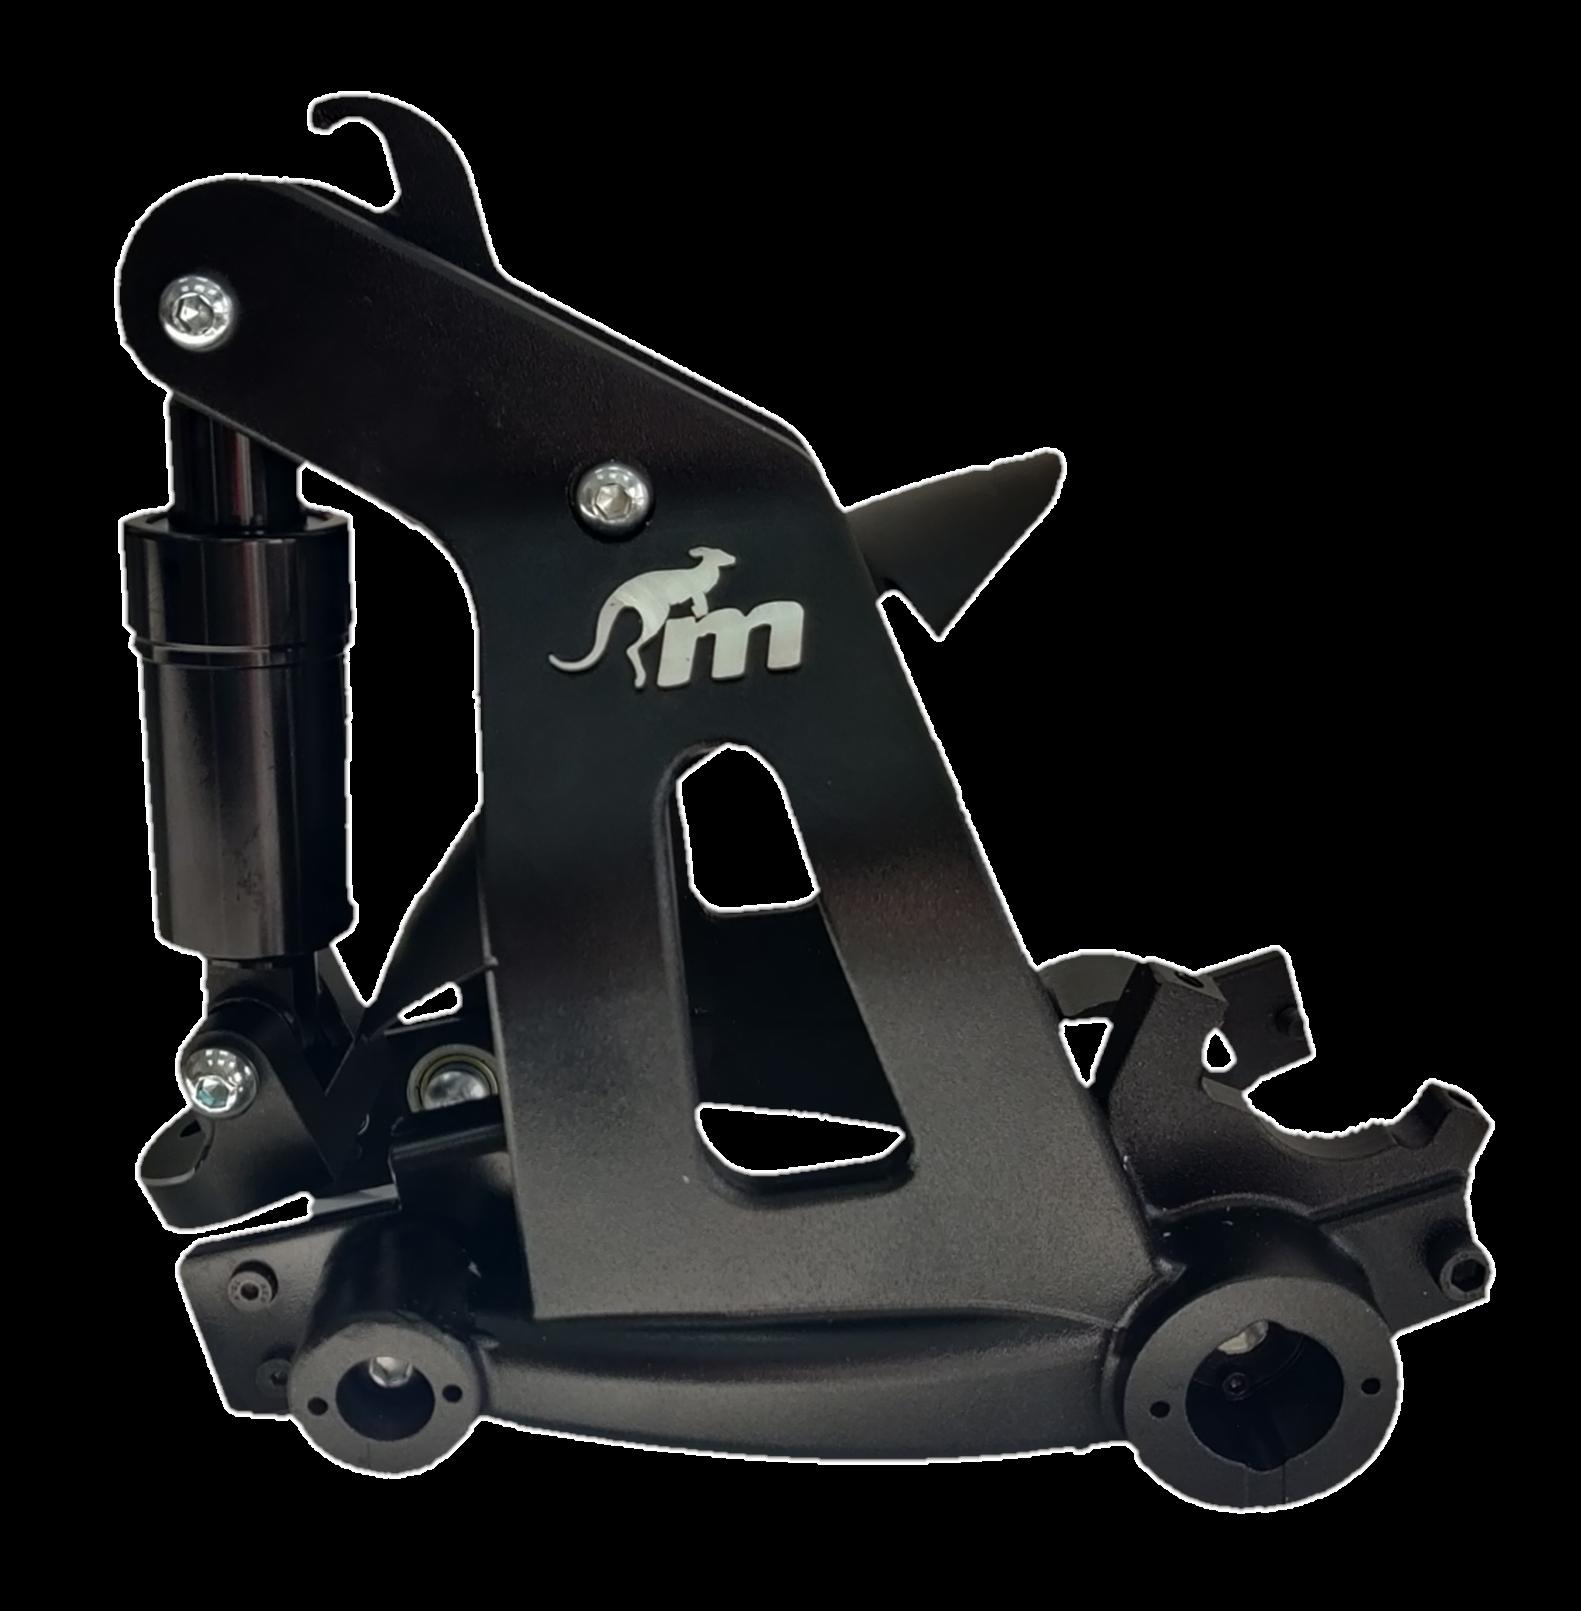 Ammortizzatore posteriore per monopattini Xiaomi - Nero